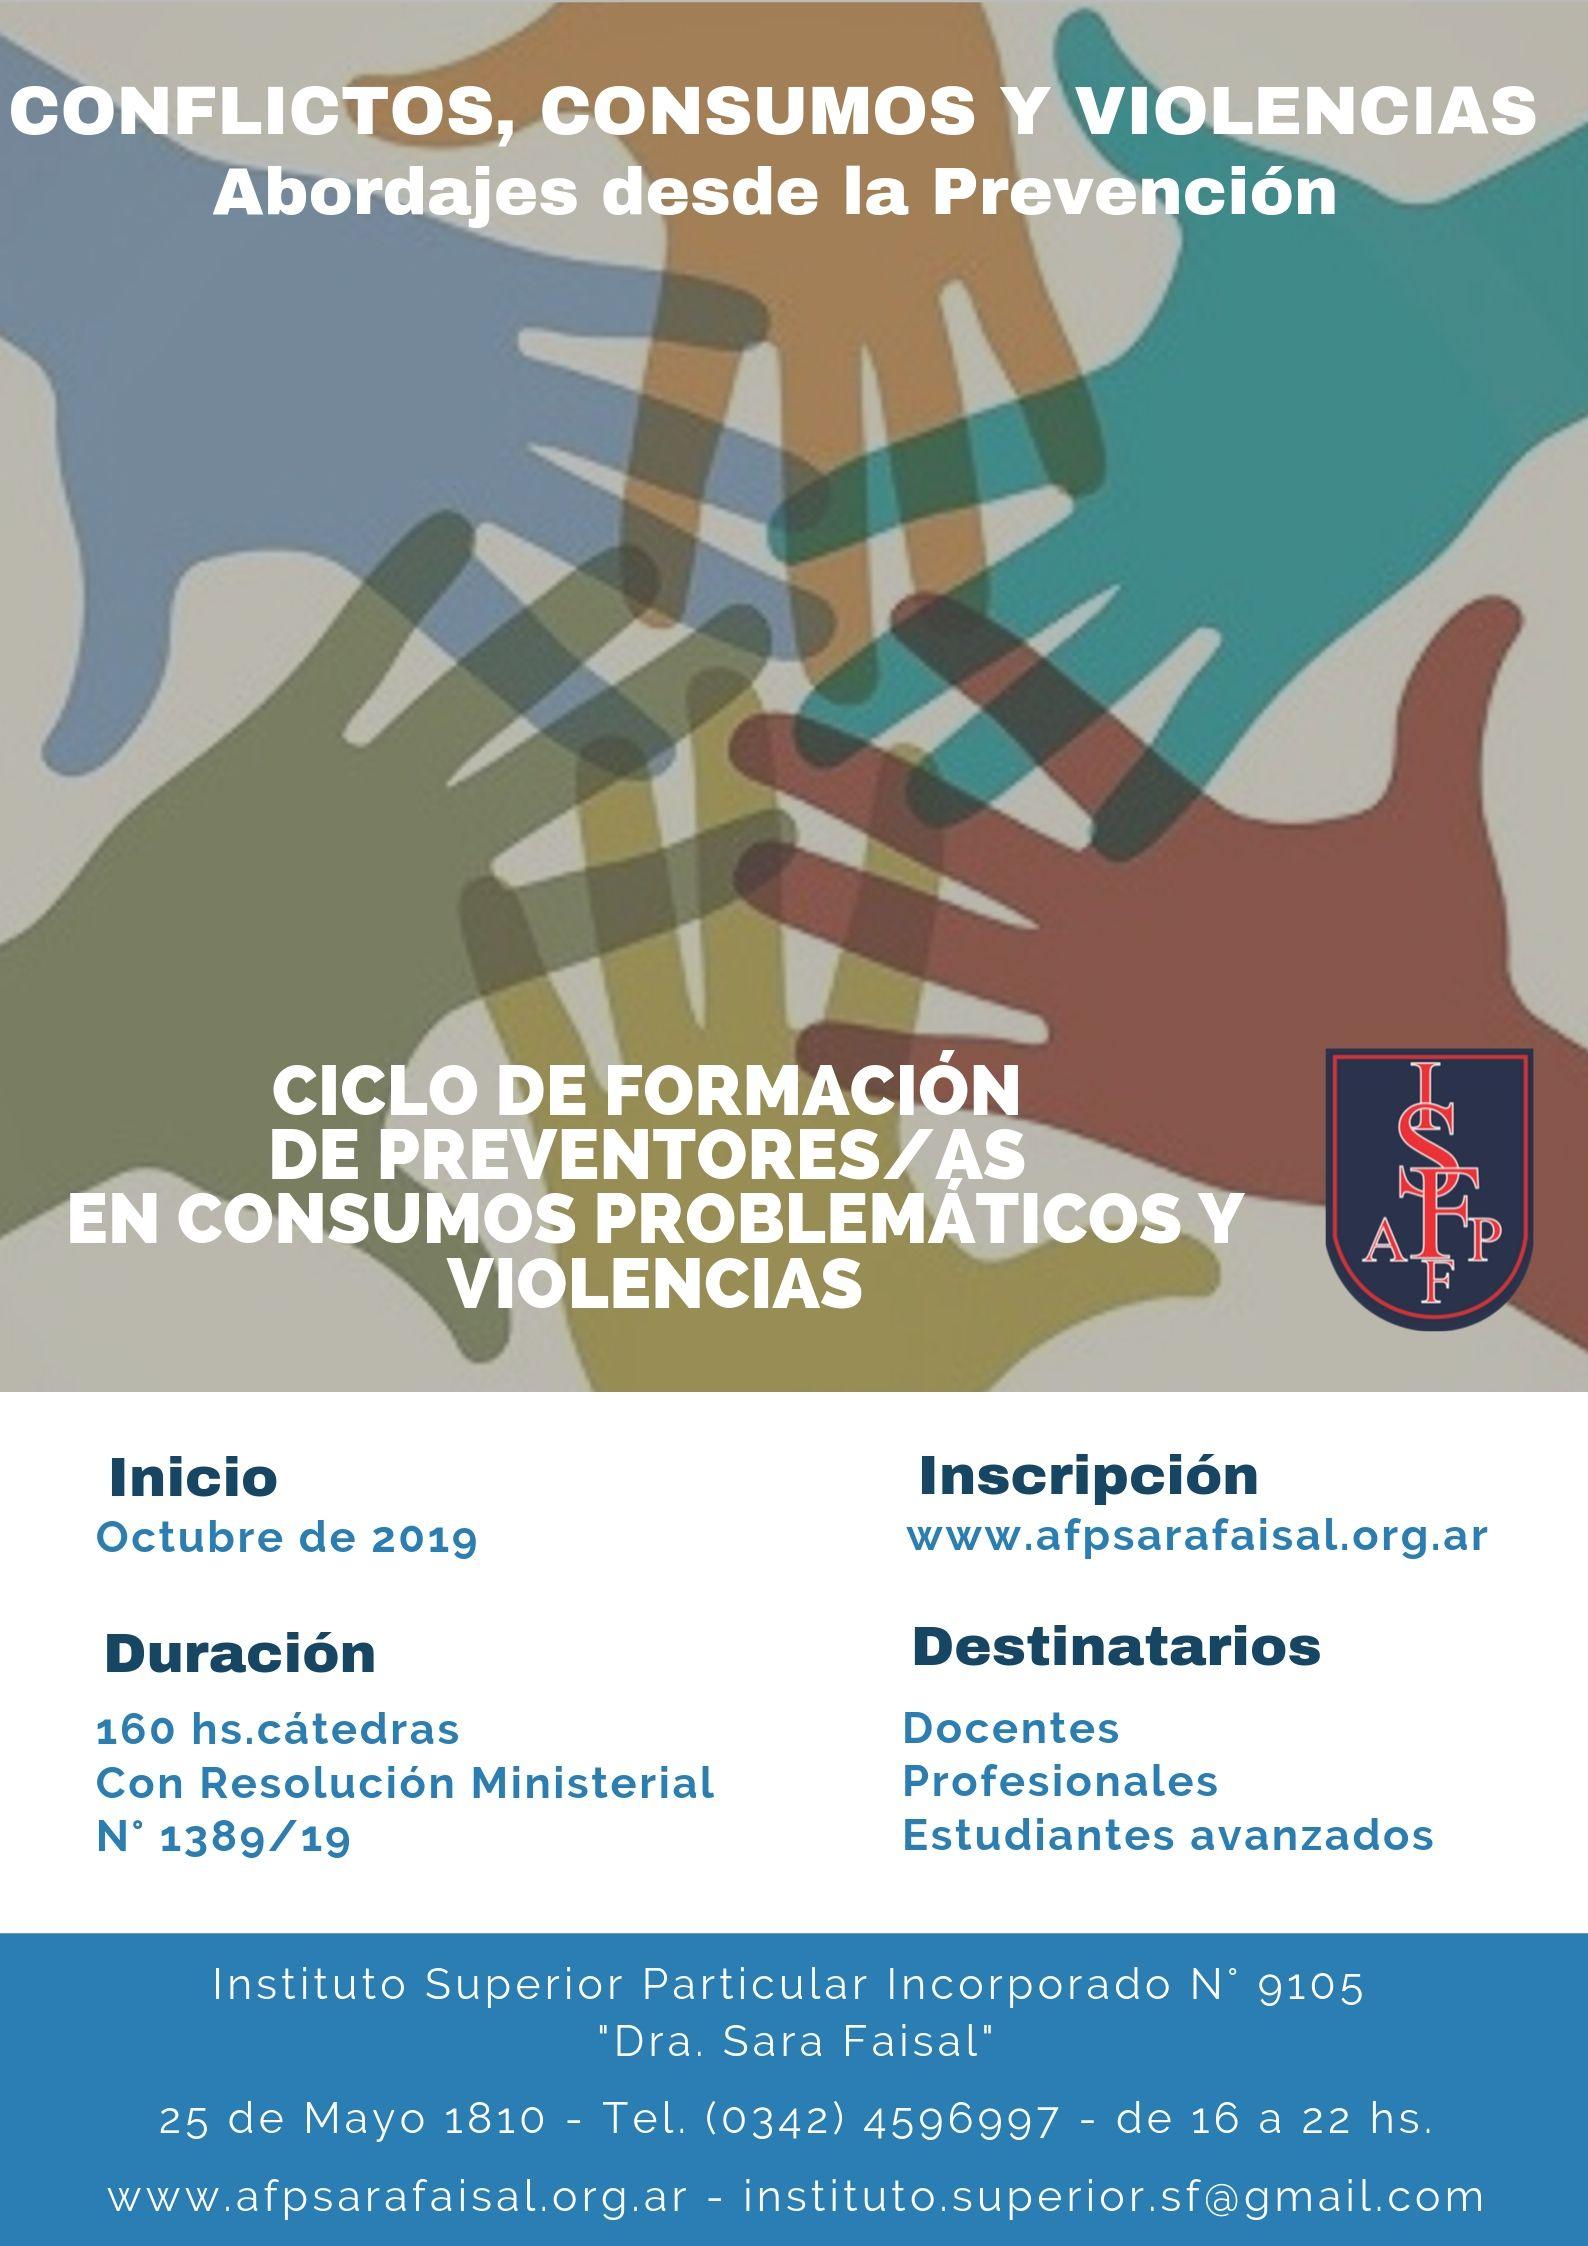 Ciclo de Formación de Preventores/as en consumos problemáticos y violencias «Conflictos, consumos y violencias: Abordajes desde la Prevención»